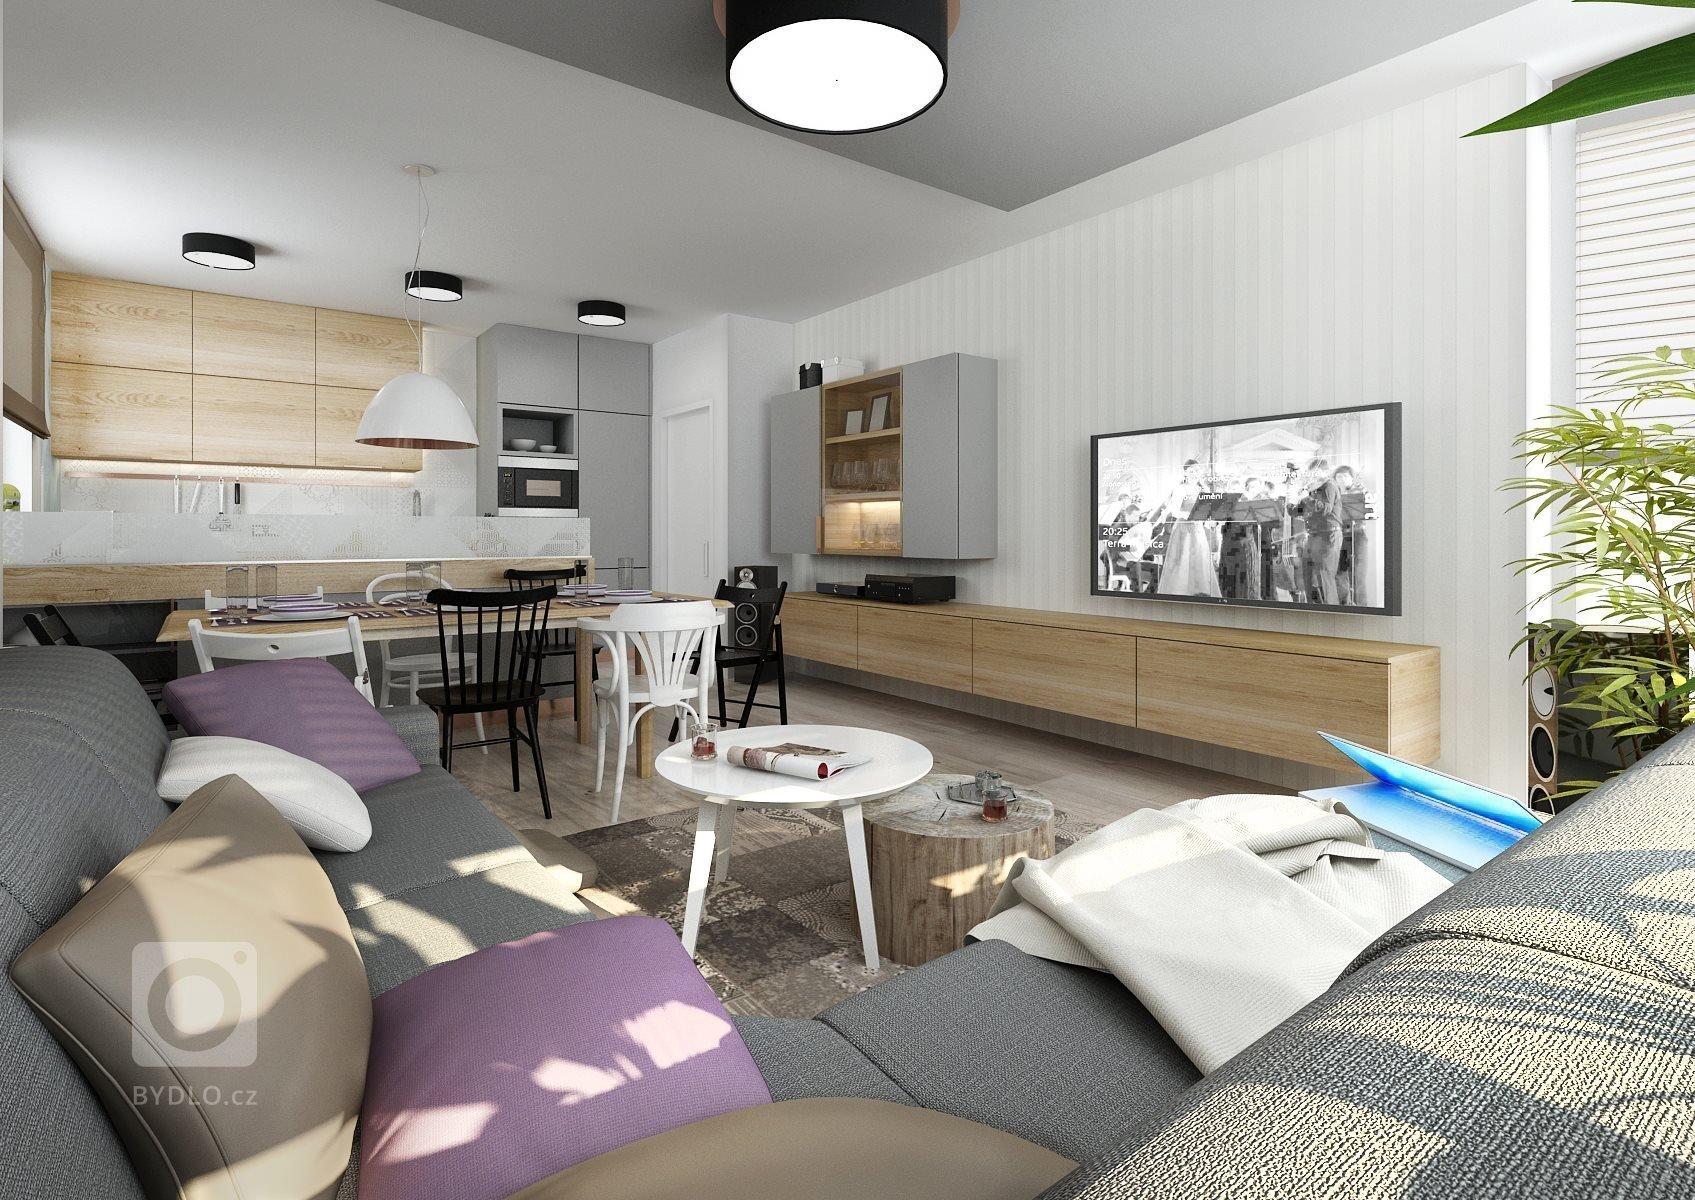 Zadání návrhu bytu od klientky znělo: moderní retro sindustriálními prvky. Tak jsme na nábytek použily barevně neutrální bílou a šedou LTD, se kterými se…